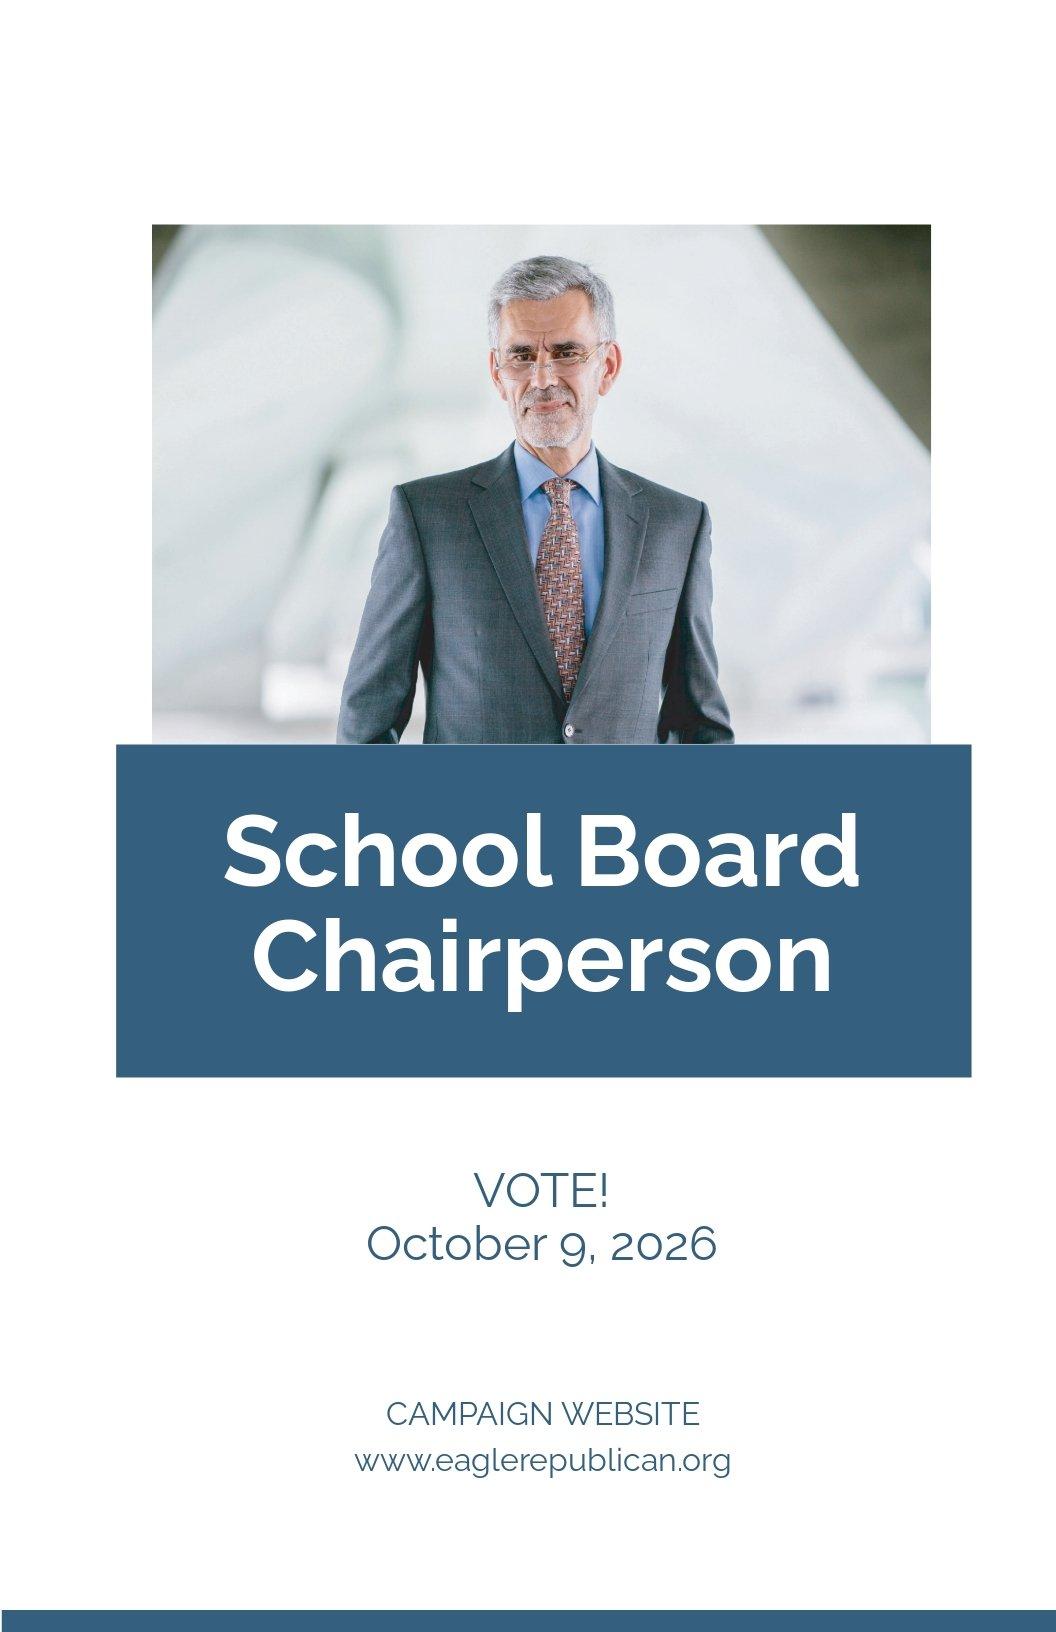 School Board Campaign Poster Template.jpe